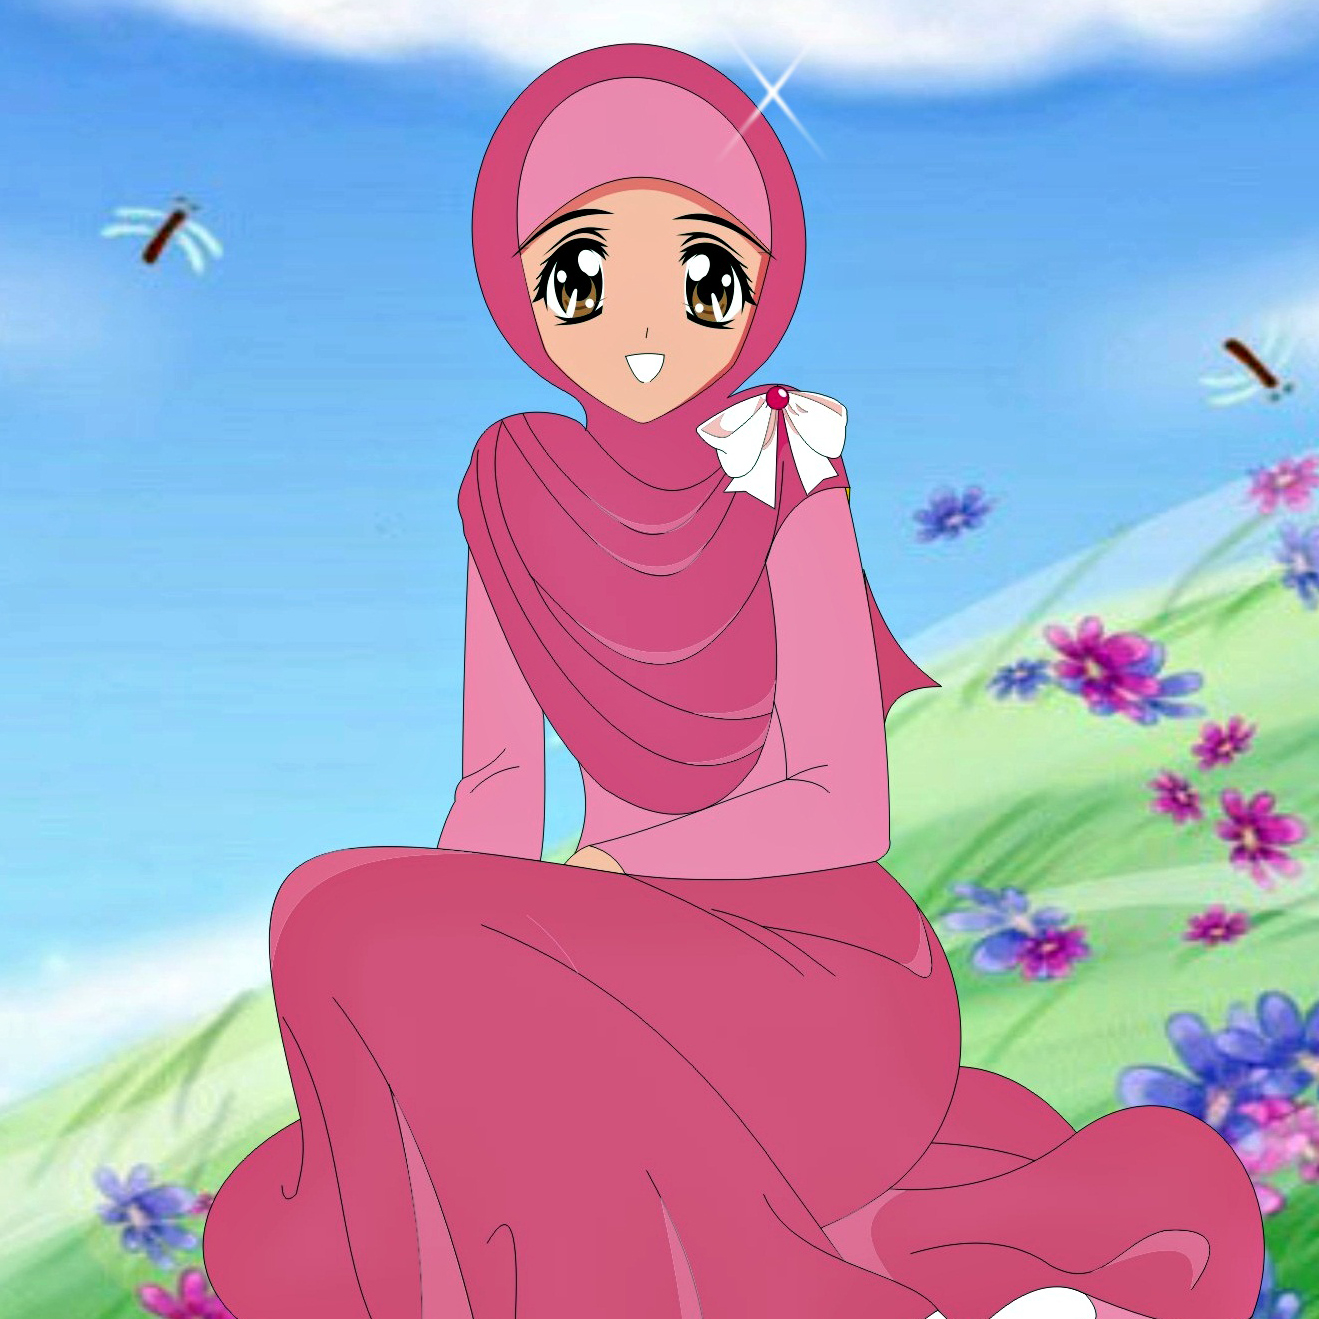 Animasi Gambar Kartun Muslimah Lucu Dan Cantik